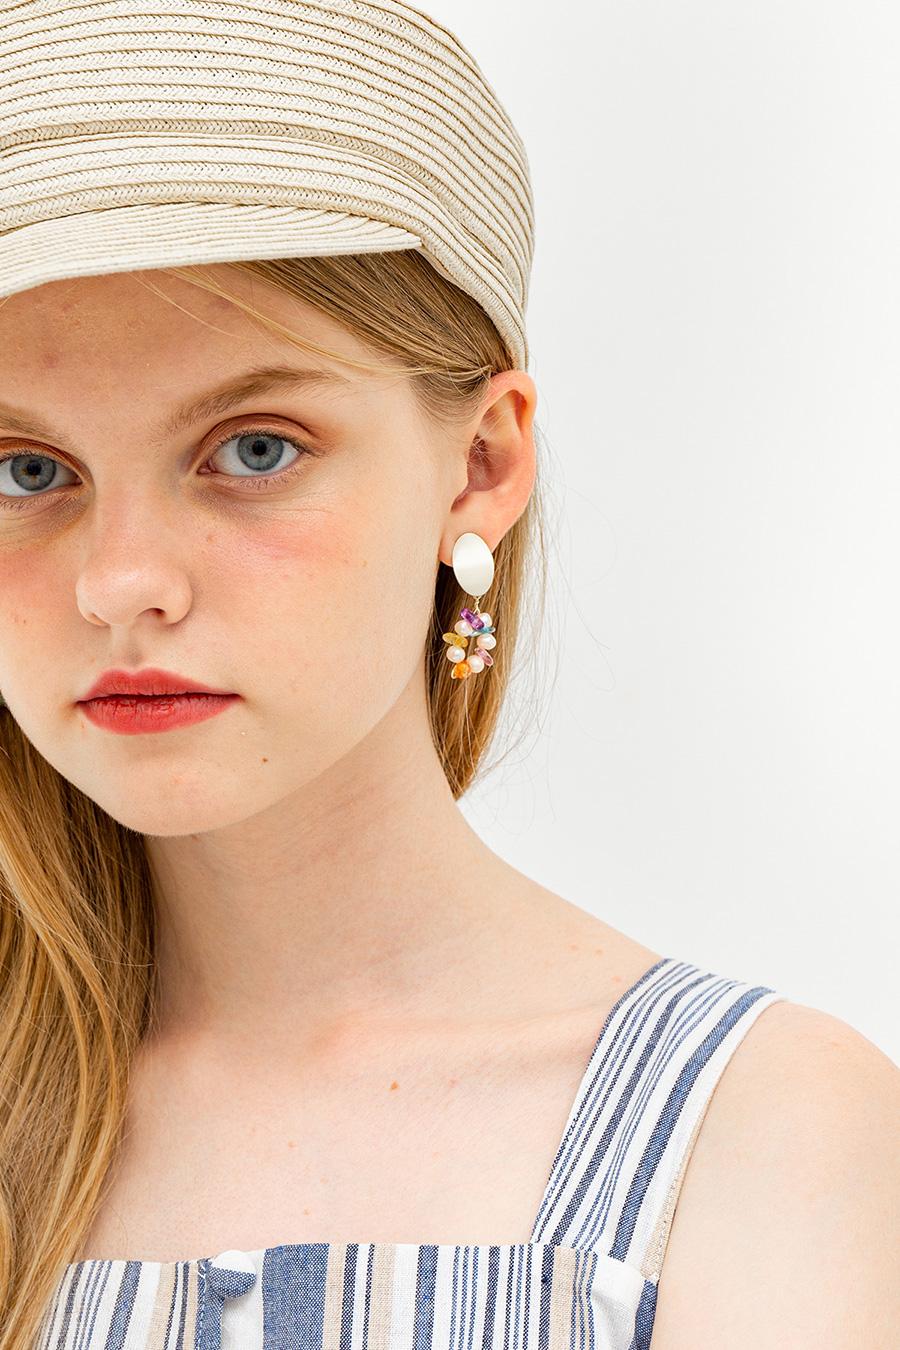 JELLYBEAN EARRINGS - GOLD